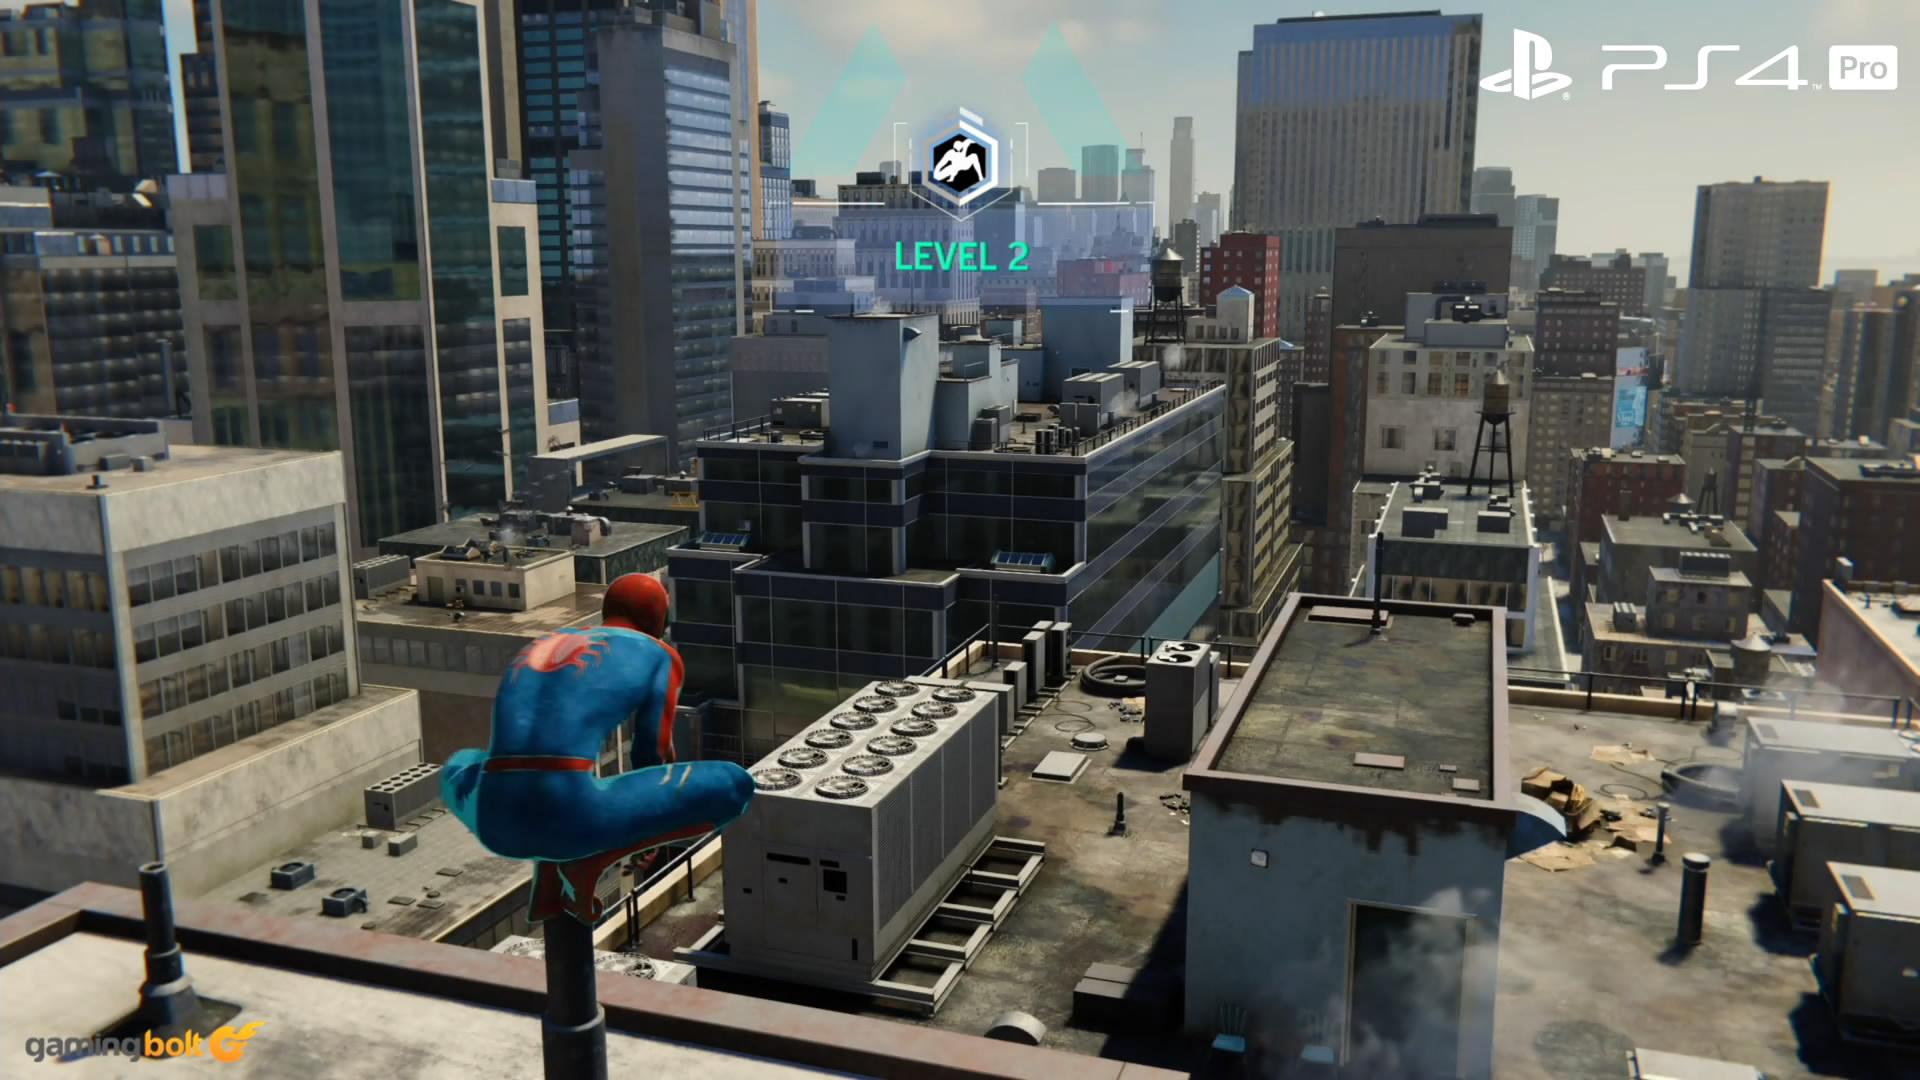 《蜘蛛俠》PS4和PS4 Pro版畫面對比 后者畫面更精美